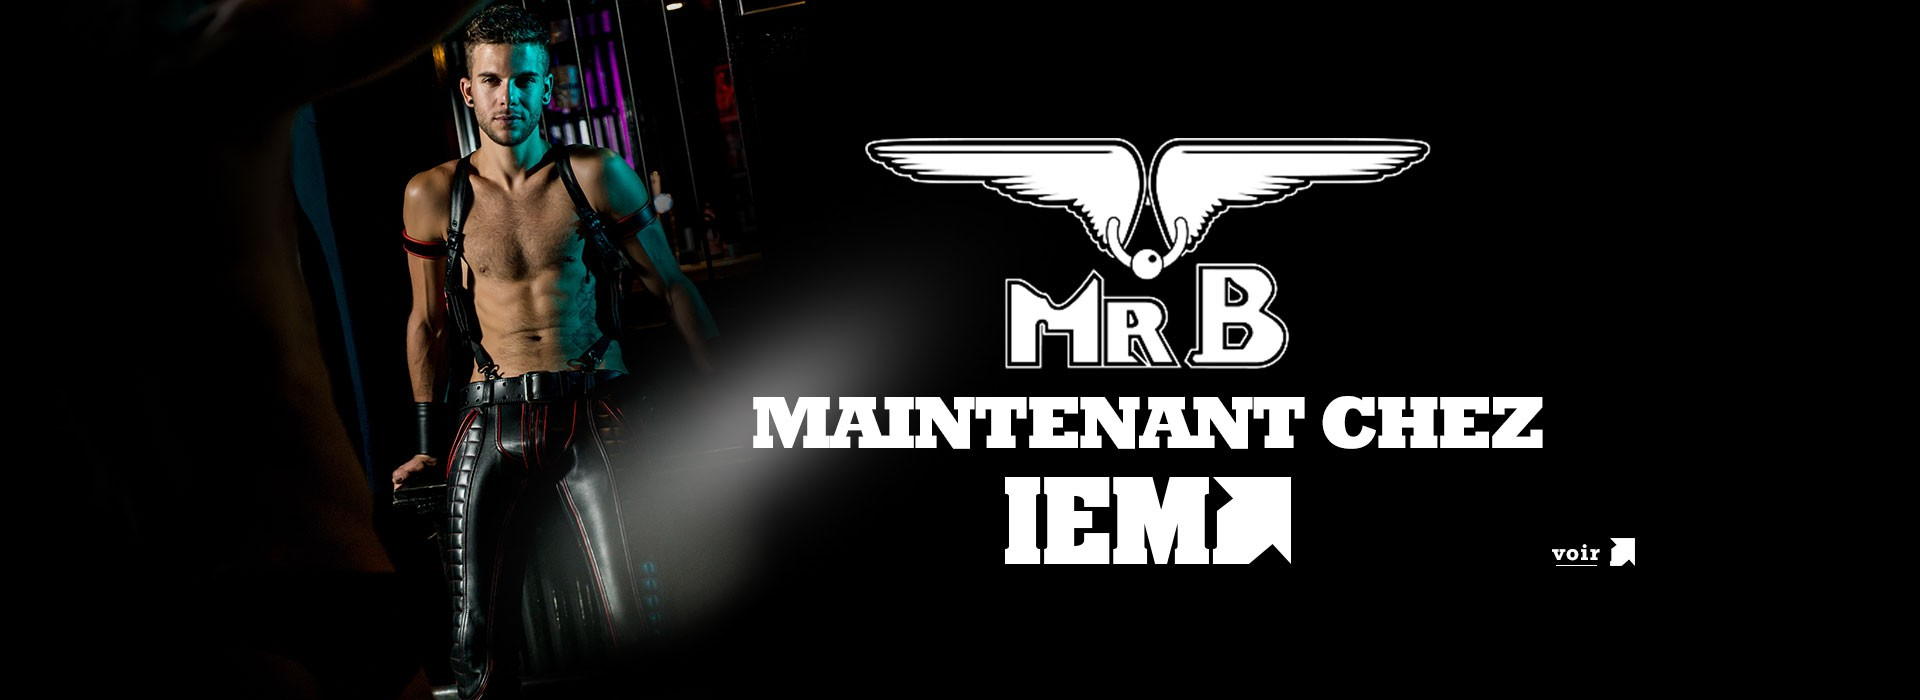 Mister B disponible sur IEM.fr et dans sa boutique de Paris